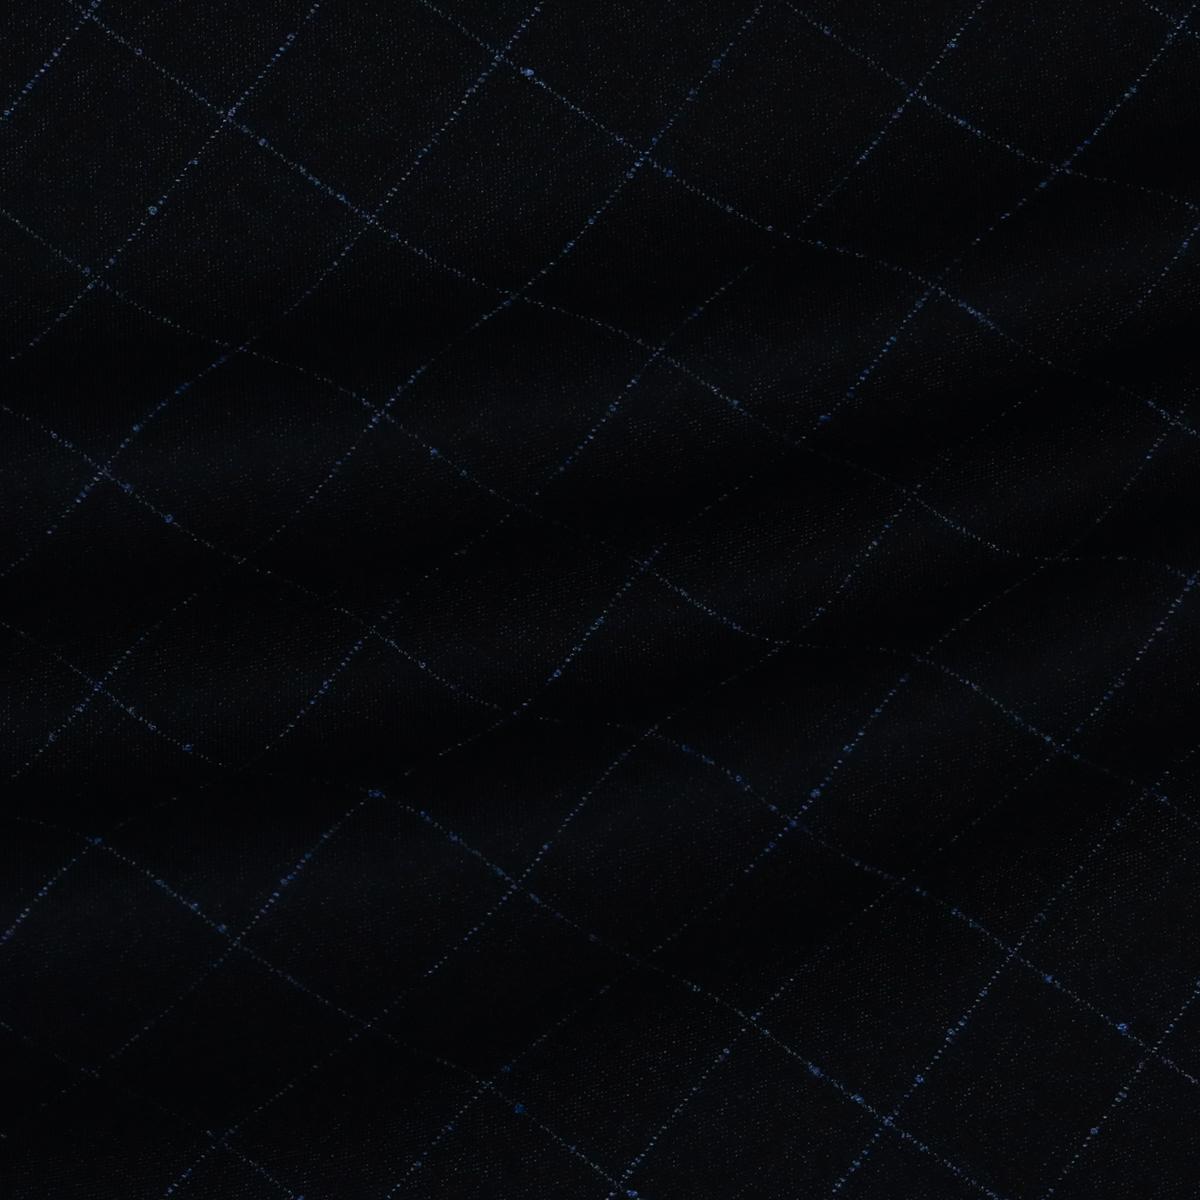 Шерстяная с добавлением кашемира ткань в тонкую клетку синего цвета